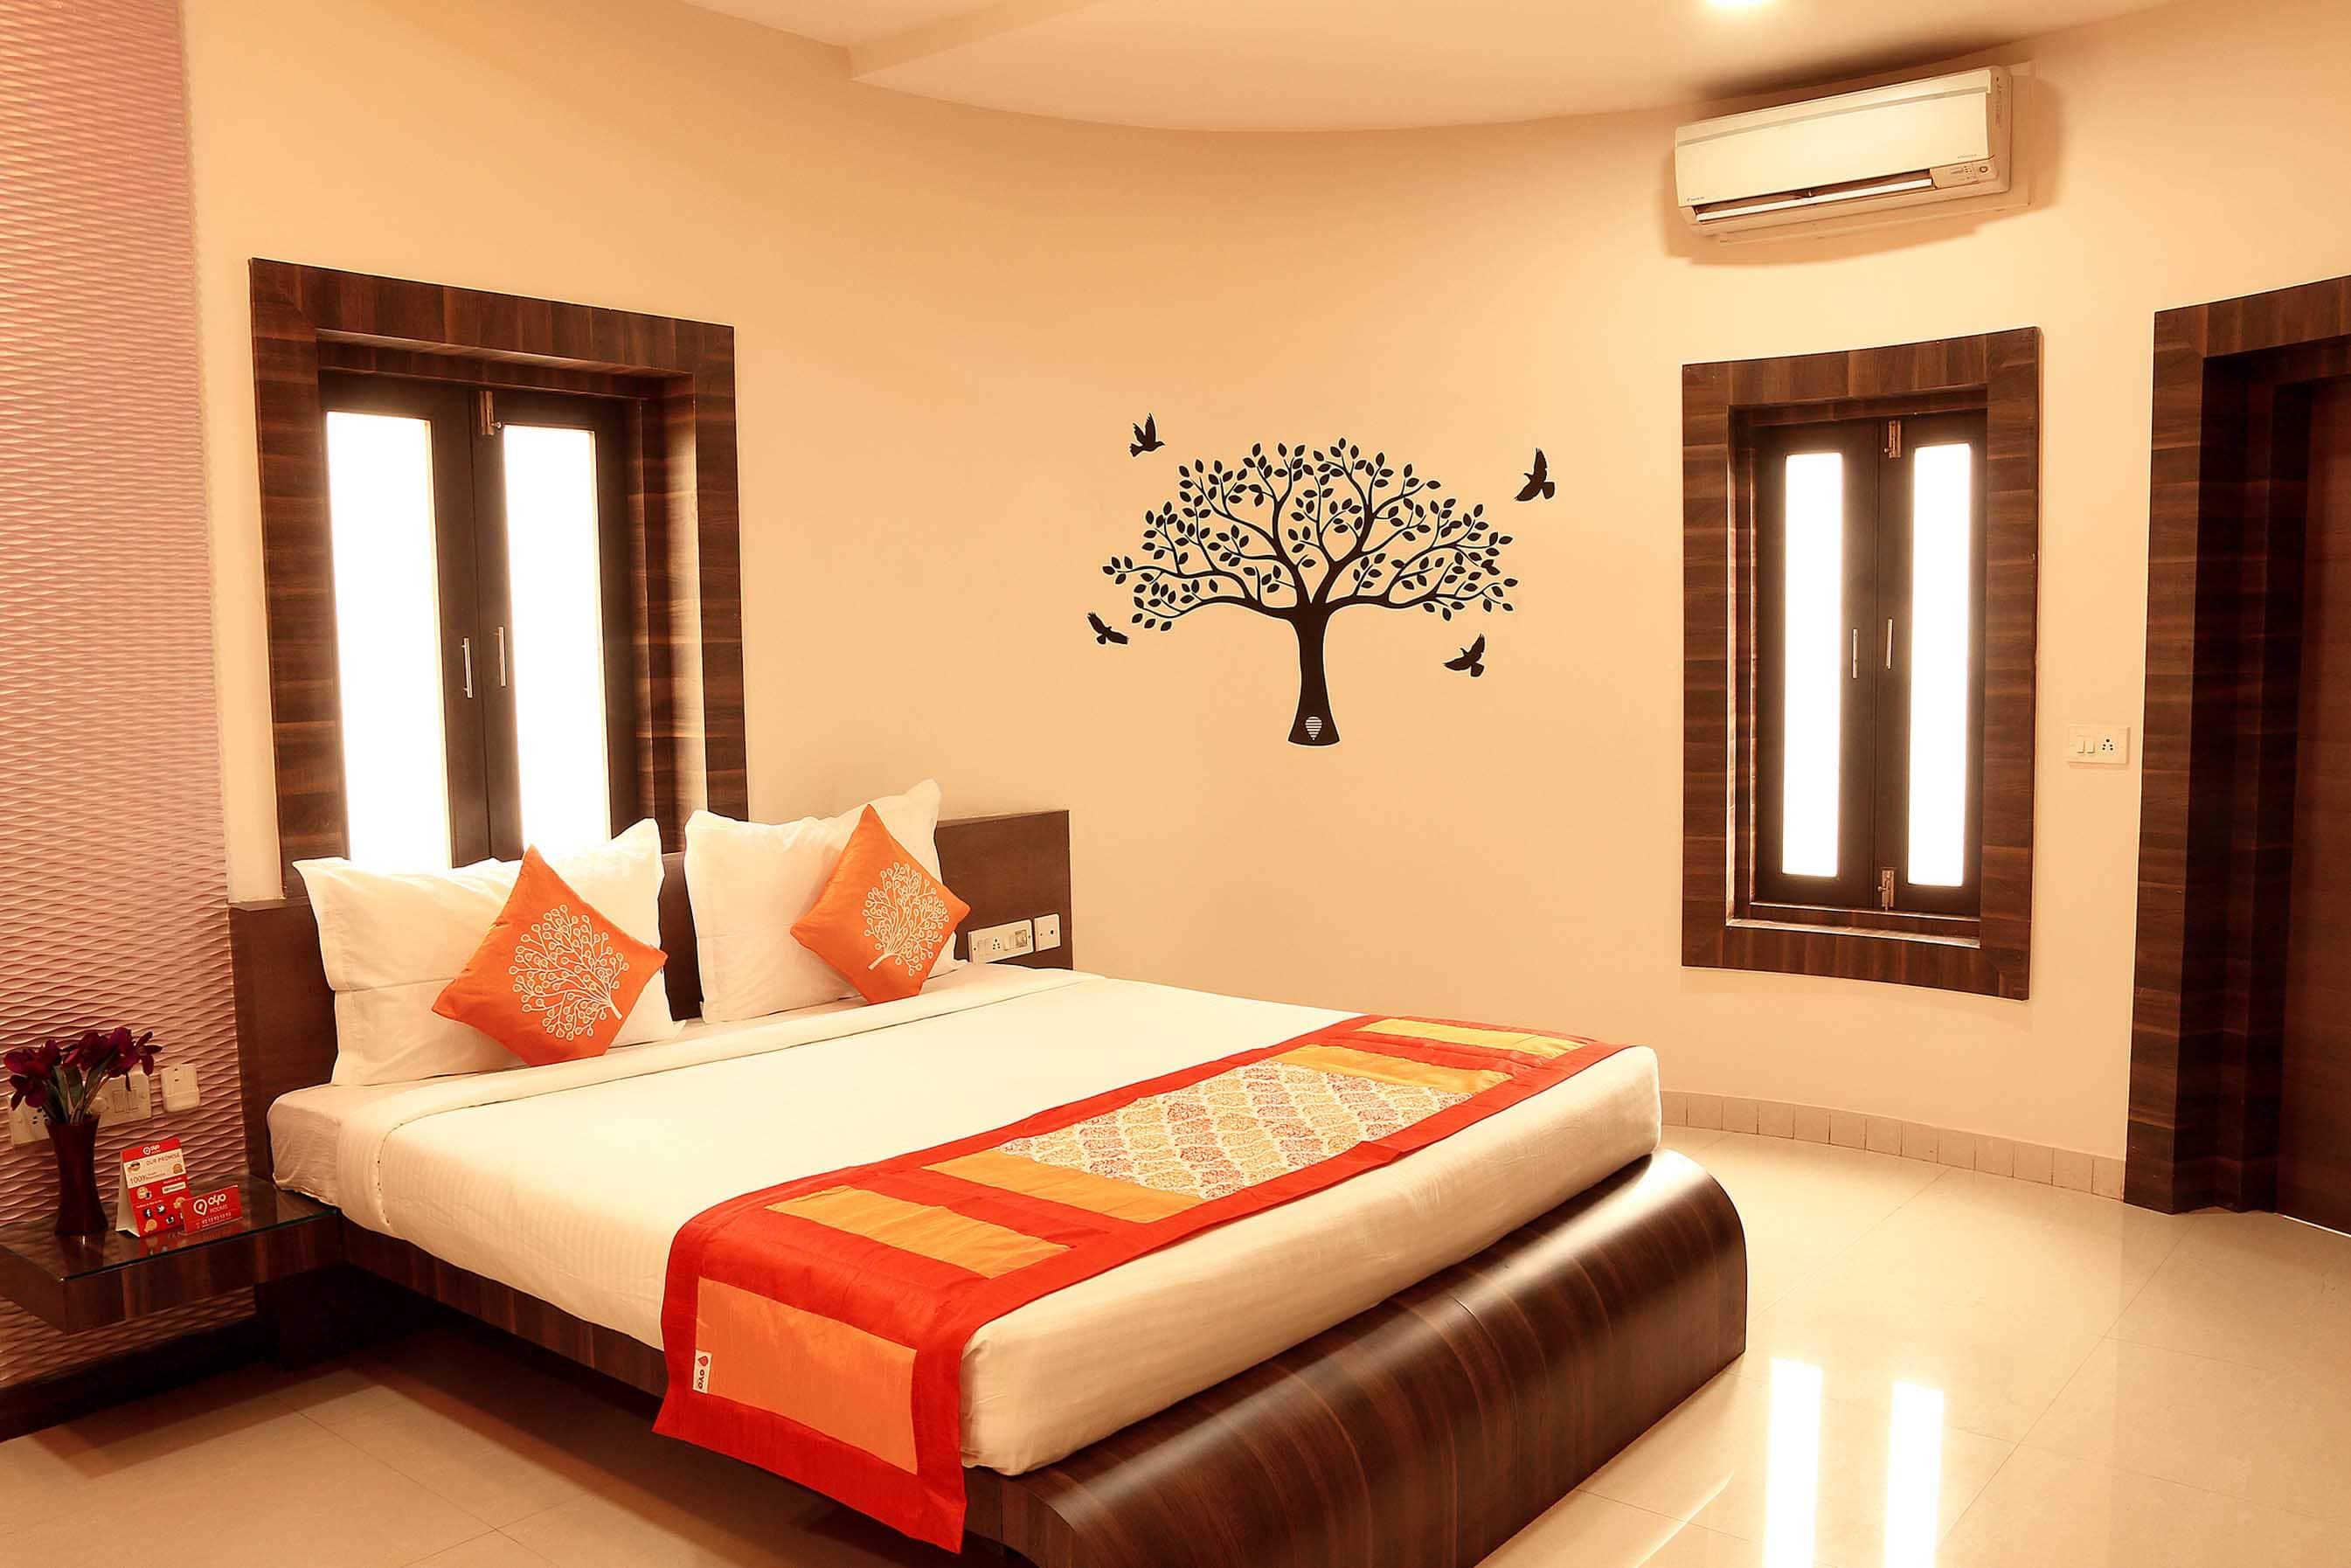 OYO Rooms Gariahat Golpark